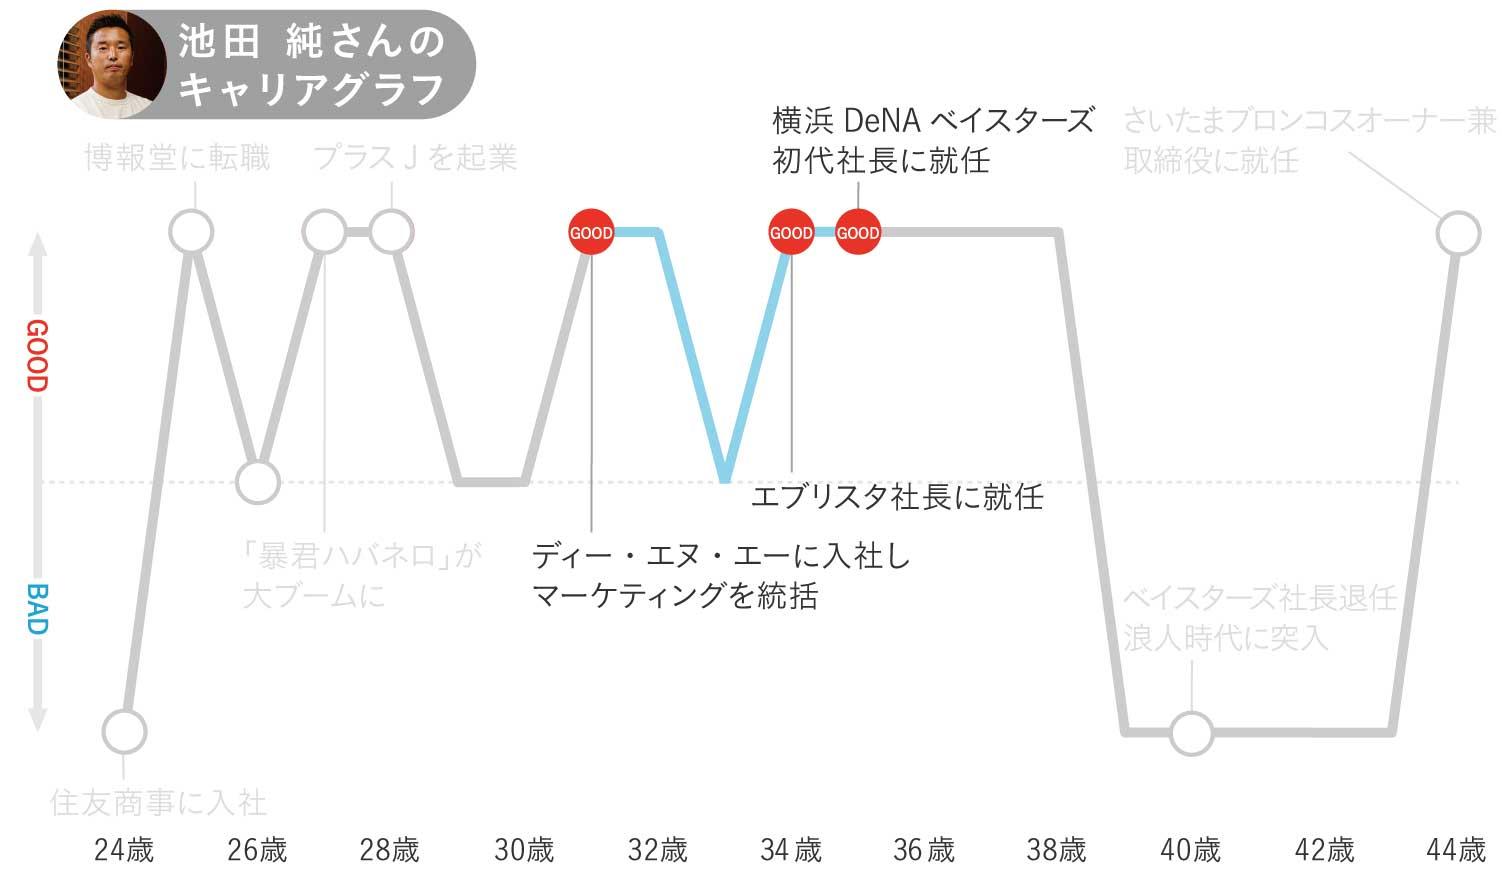 池田純さんのキャリアグラフ3